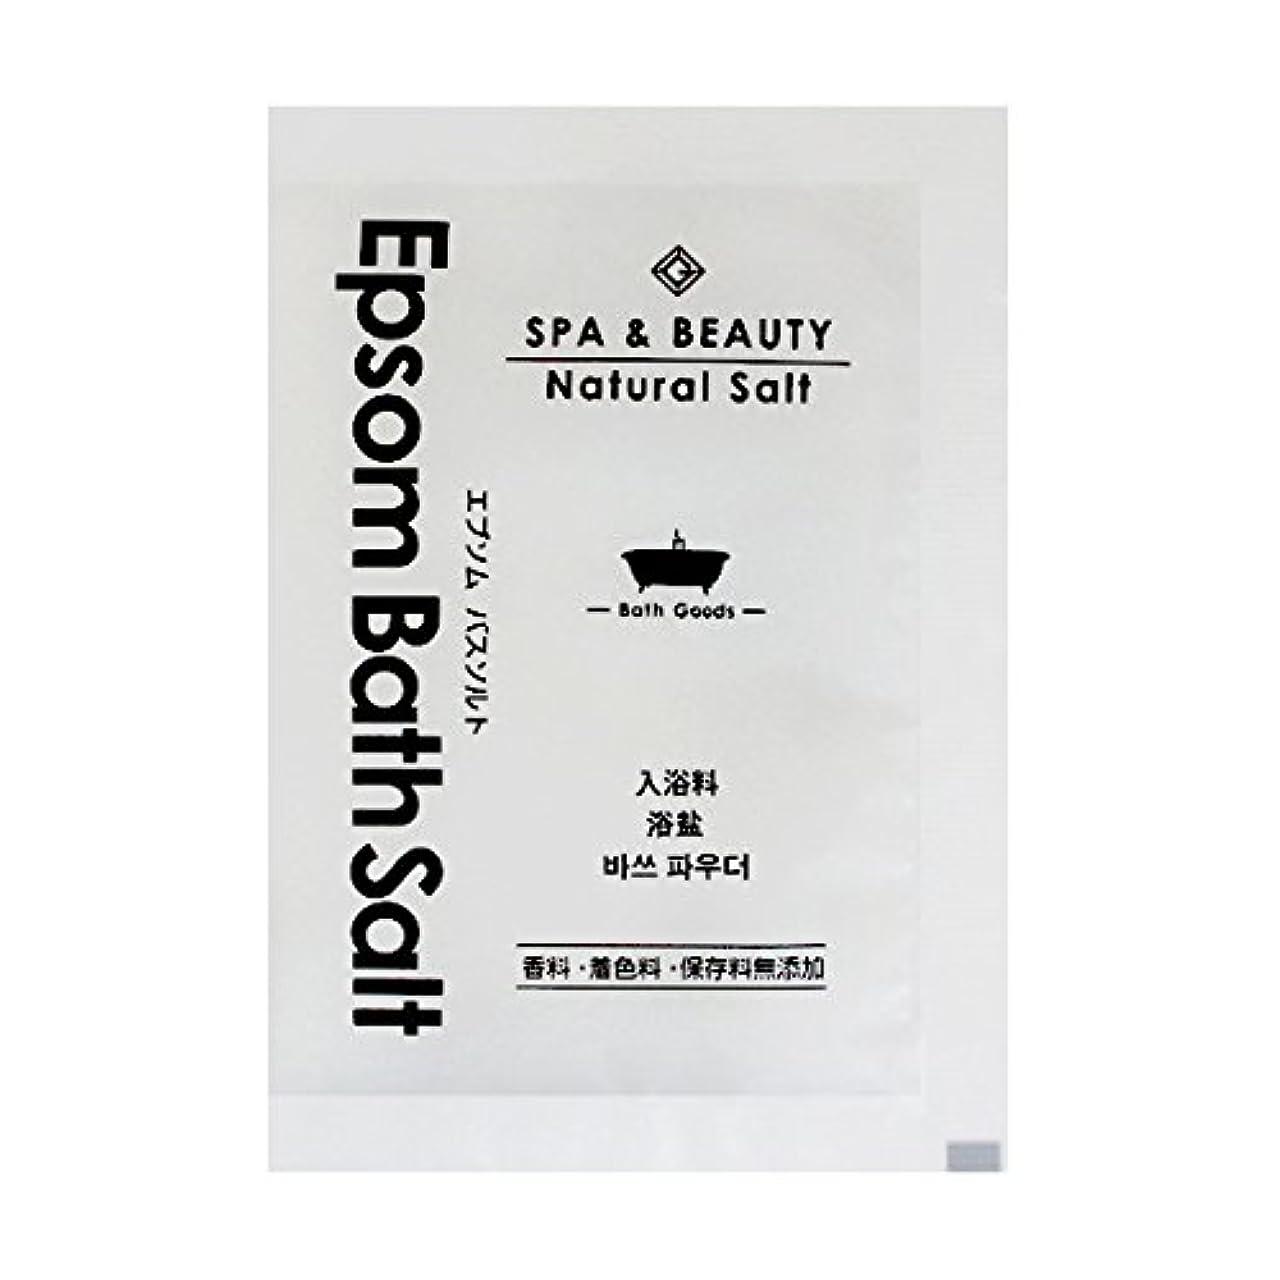 テザーエンドテーブル絶滅した入浴剤 エプソム バスソルト 24個